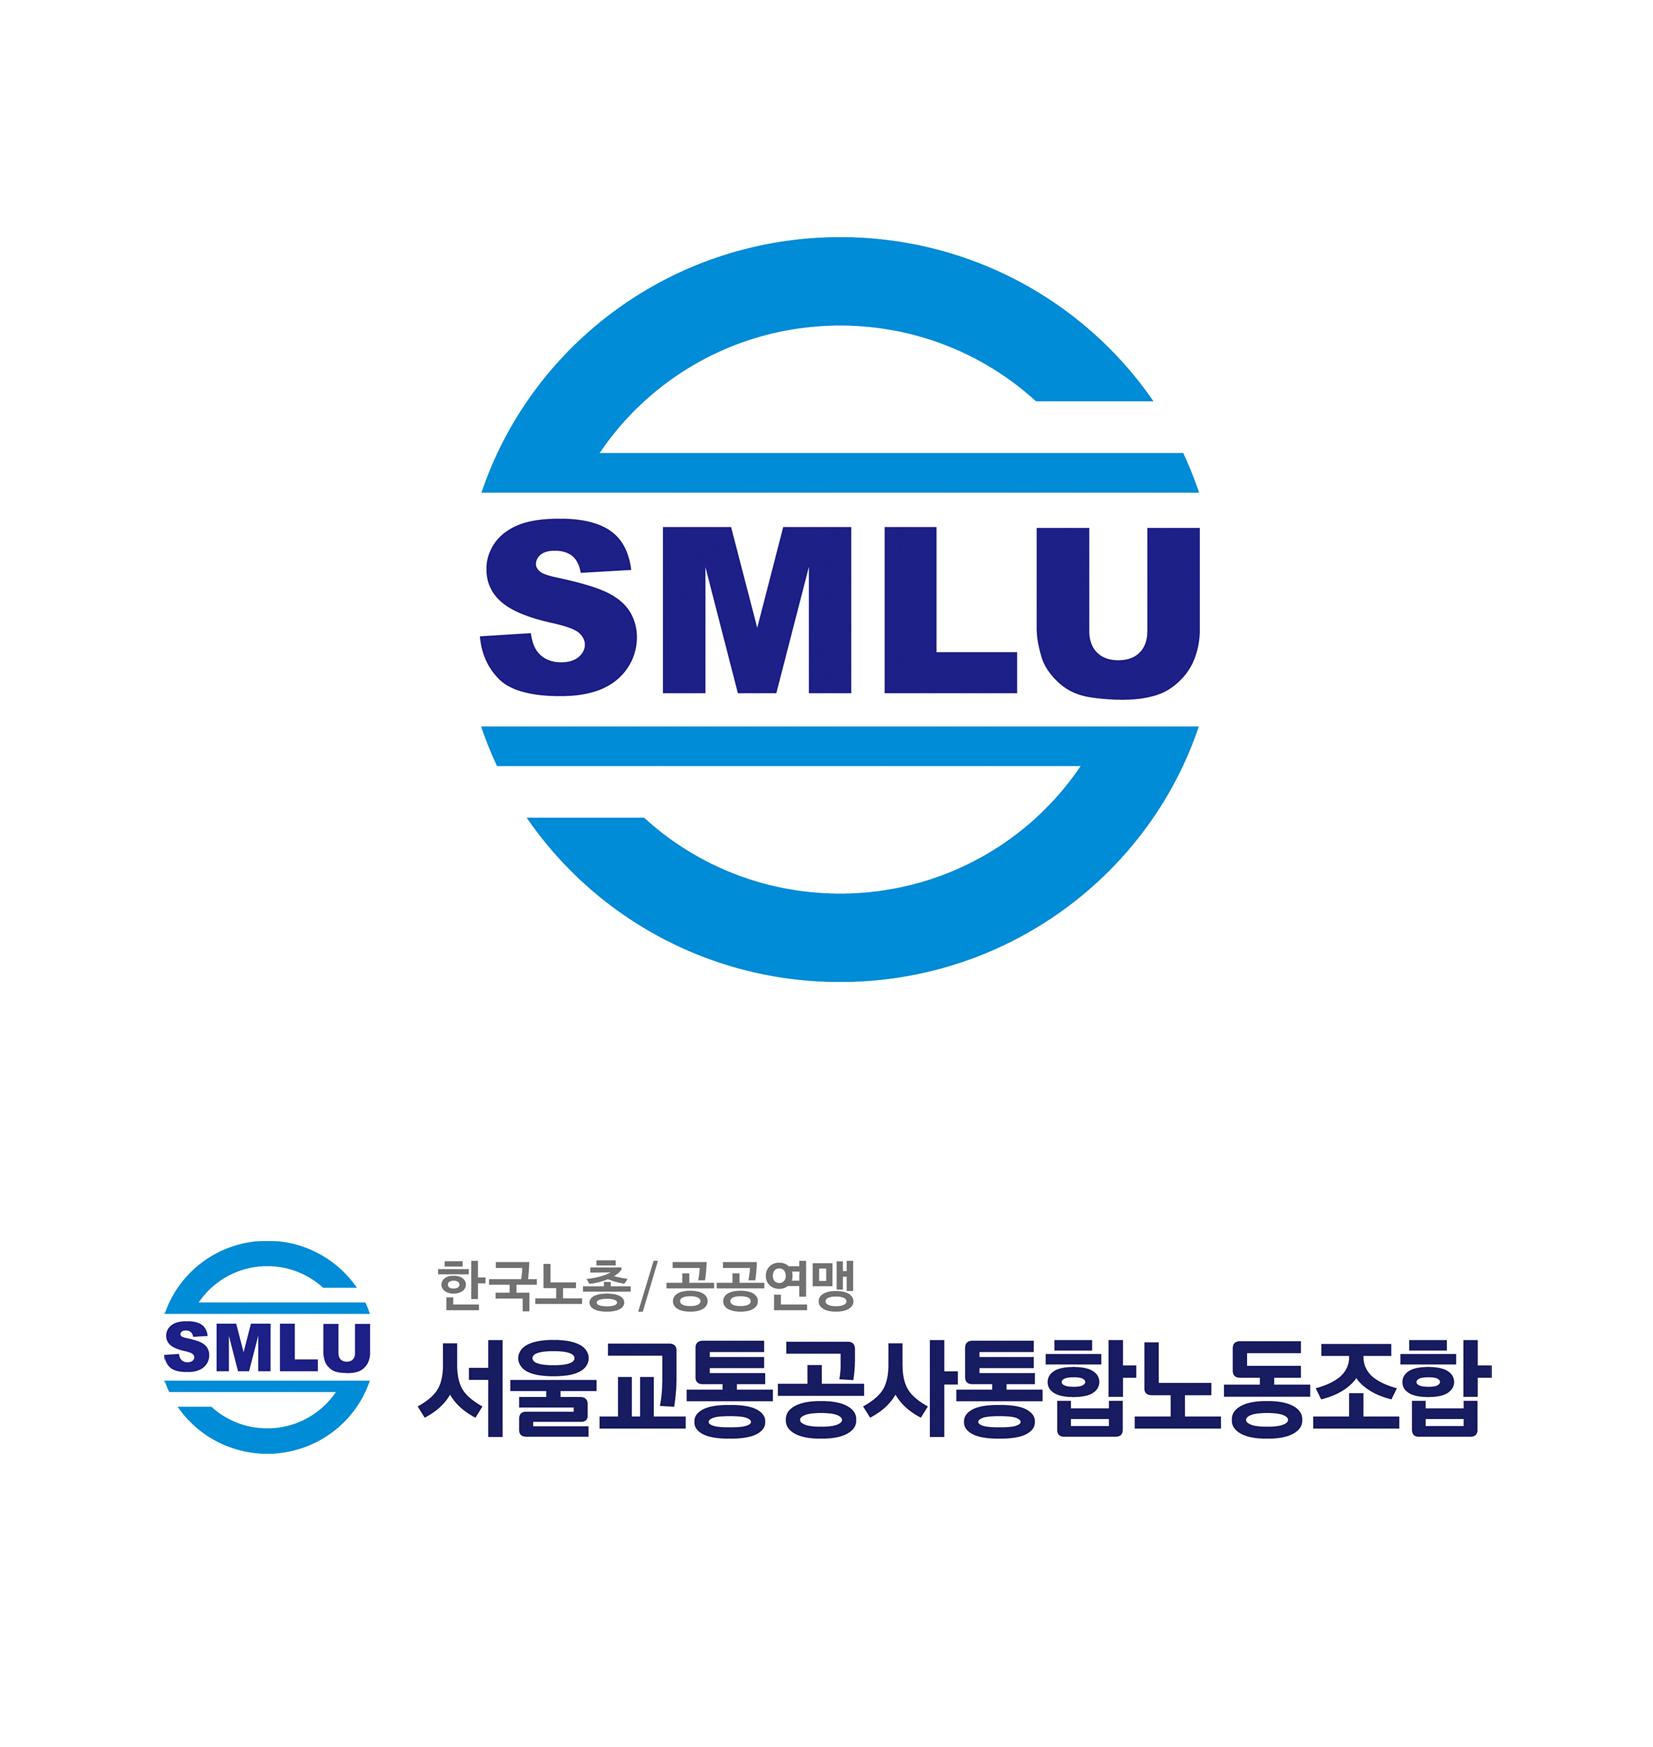 서울교통공사통합노동조합로고상하.jpg